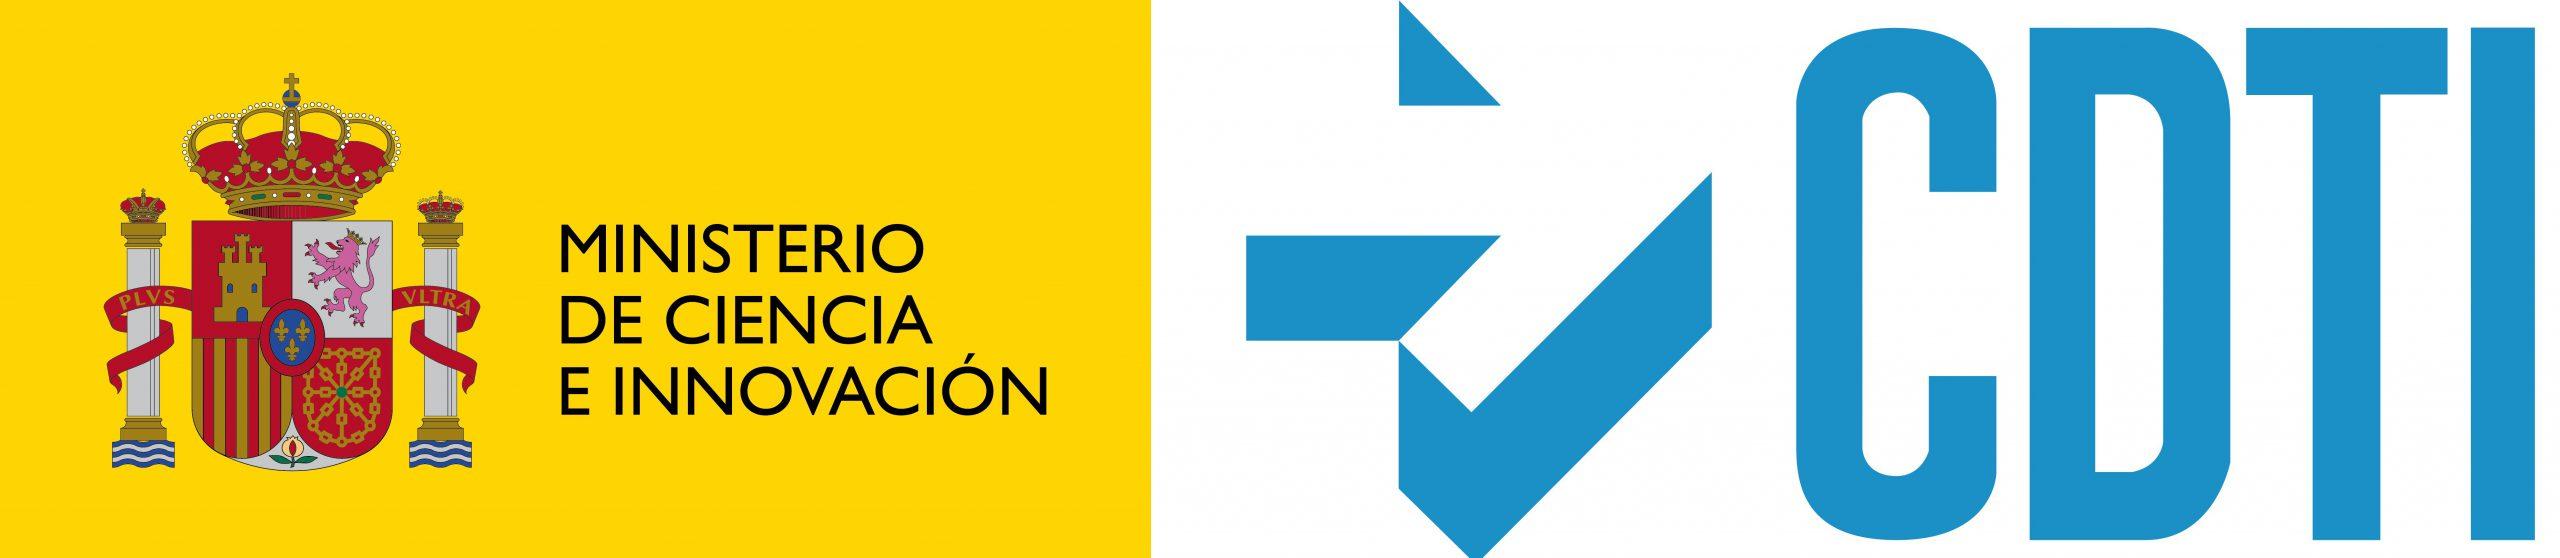 Logo CDTI - Ministerio de Ciencia e Innovación